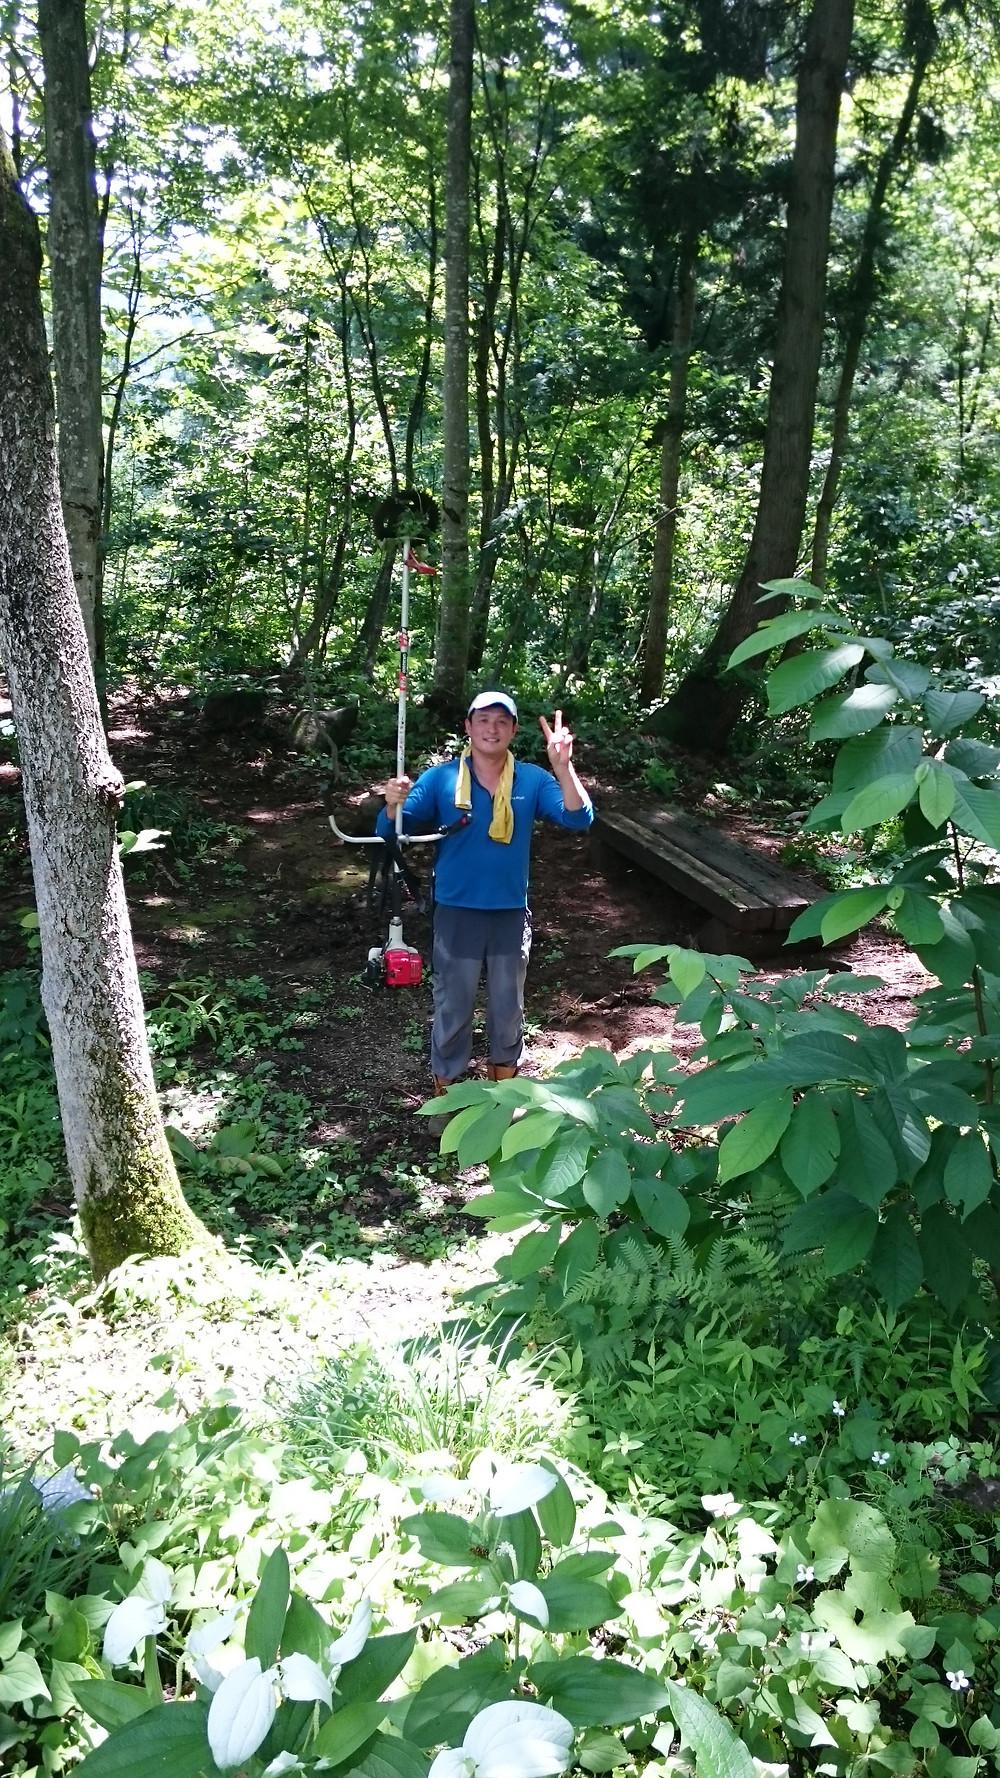 去年の森の整備の写真です(原さんありがとうございます)。